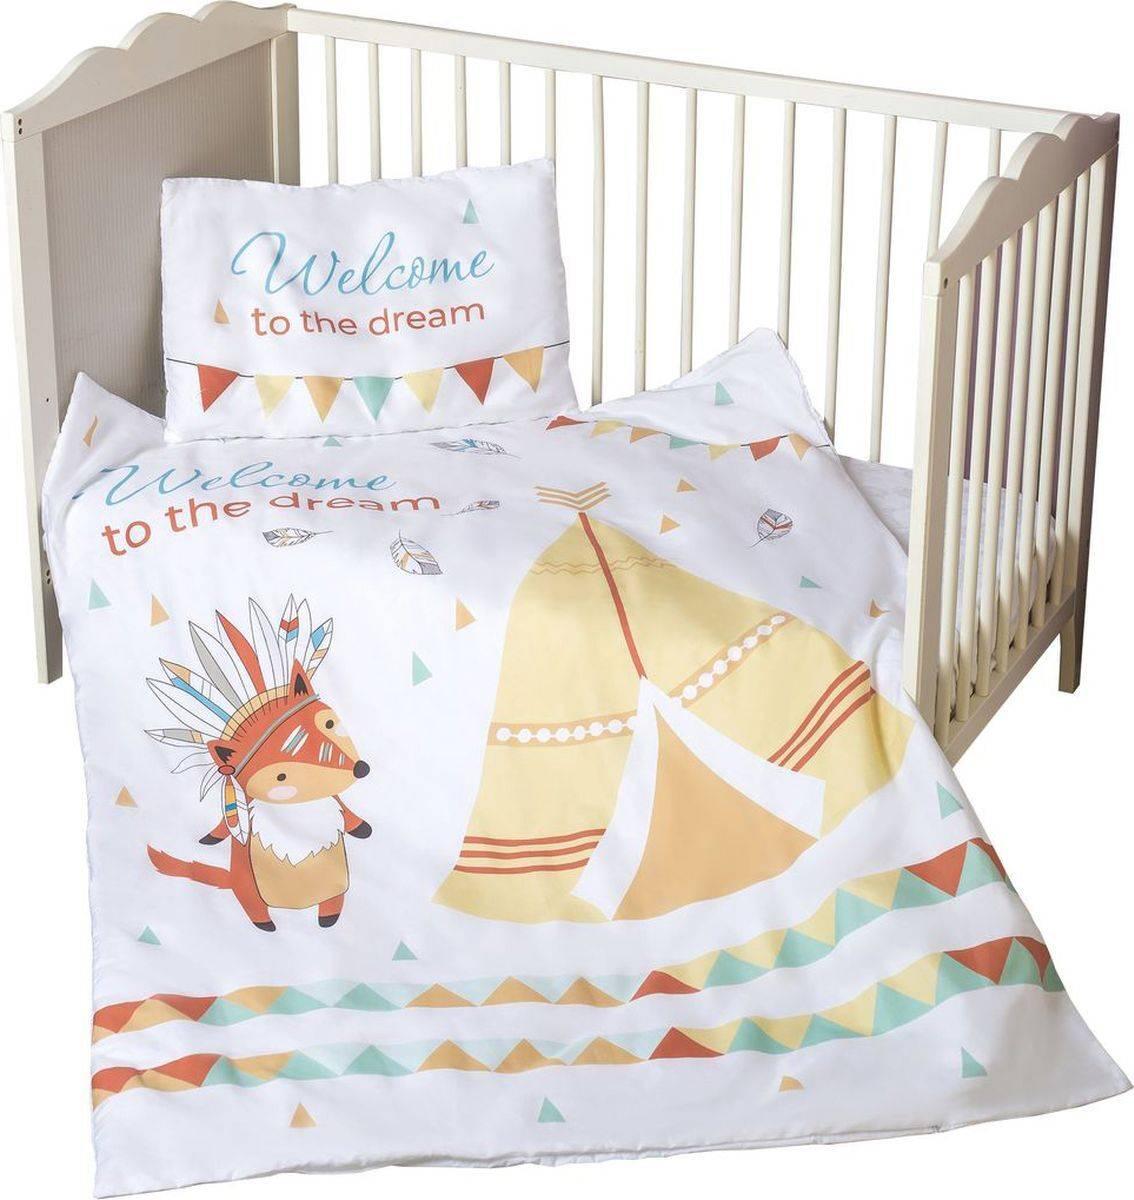 Комплект в кроватку для новорожденных из 7 предметов: входят ли в детский набор бортики и балдахин, а также в чем отличие от постельного белья из 4 и 6 вещей?